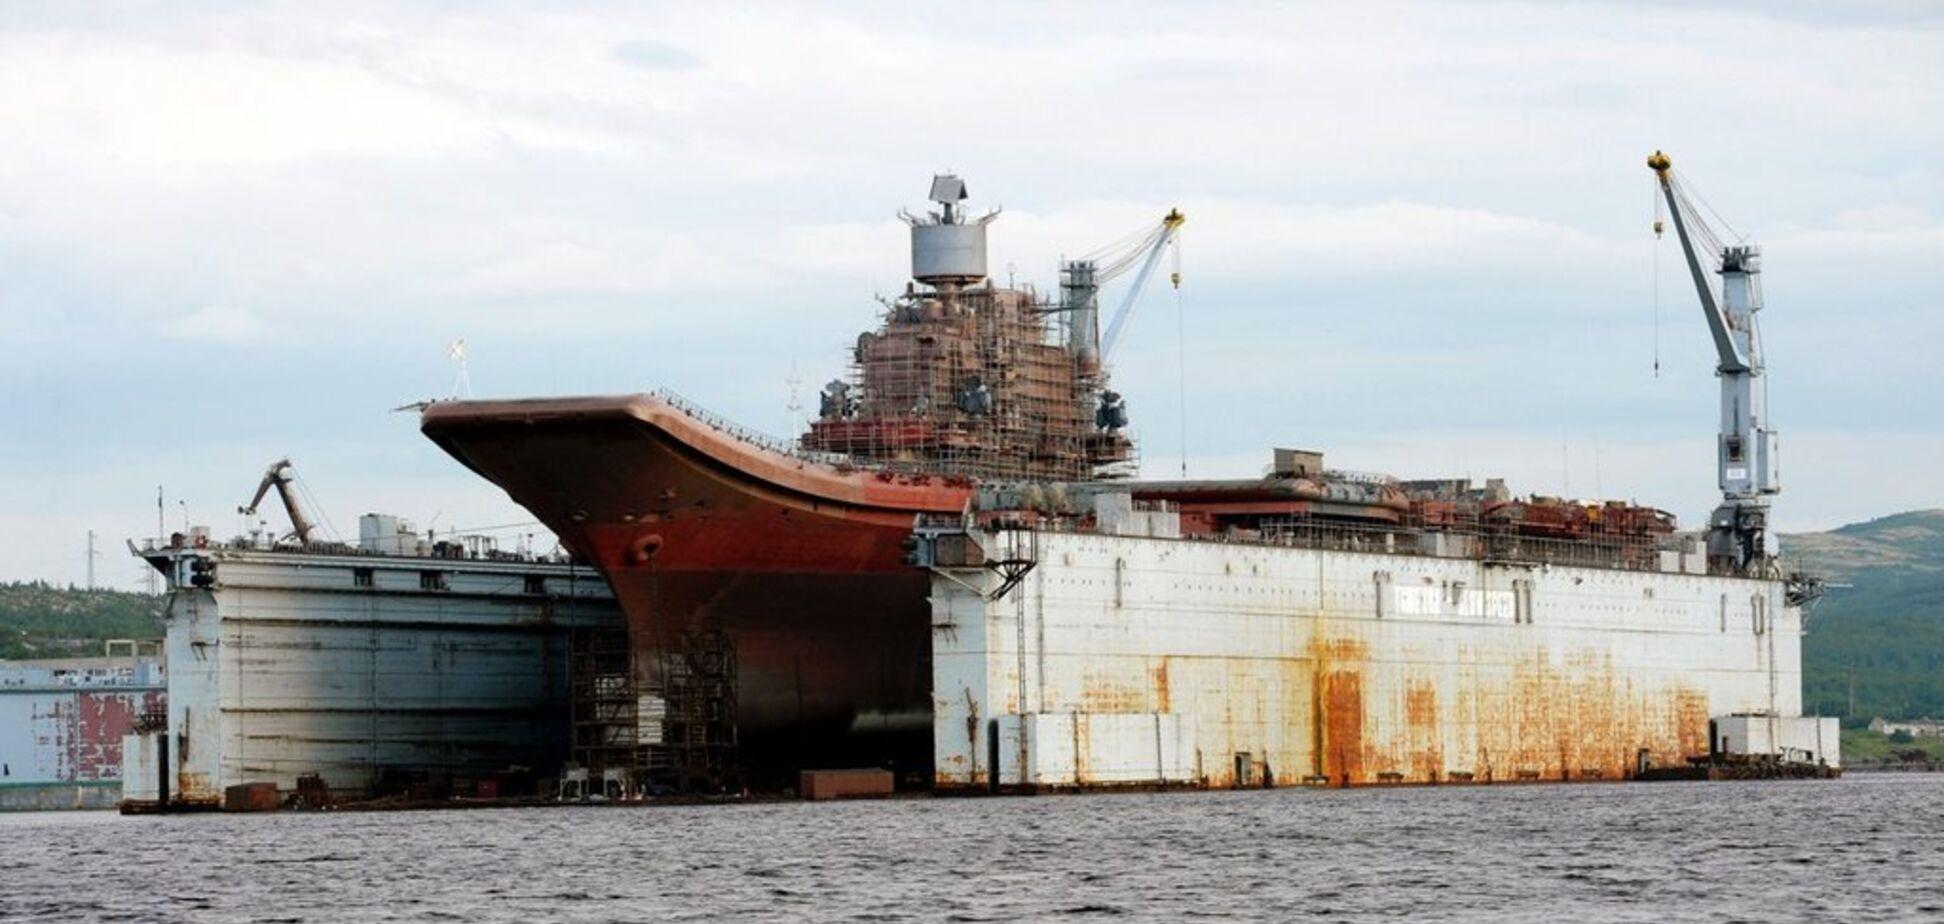 ''Дыра 4 на 5 метров'': стали известны масштабы повреждений путинского авианосца